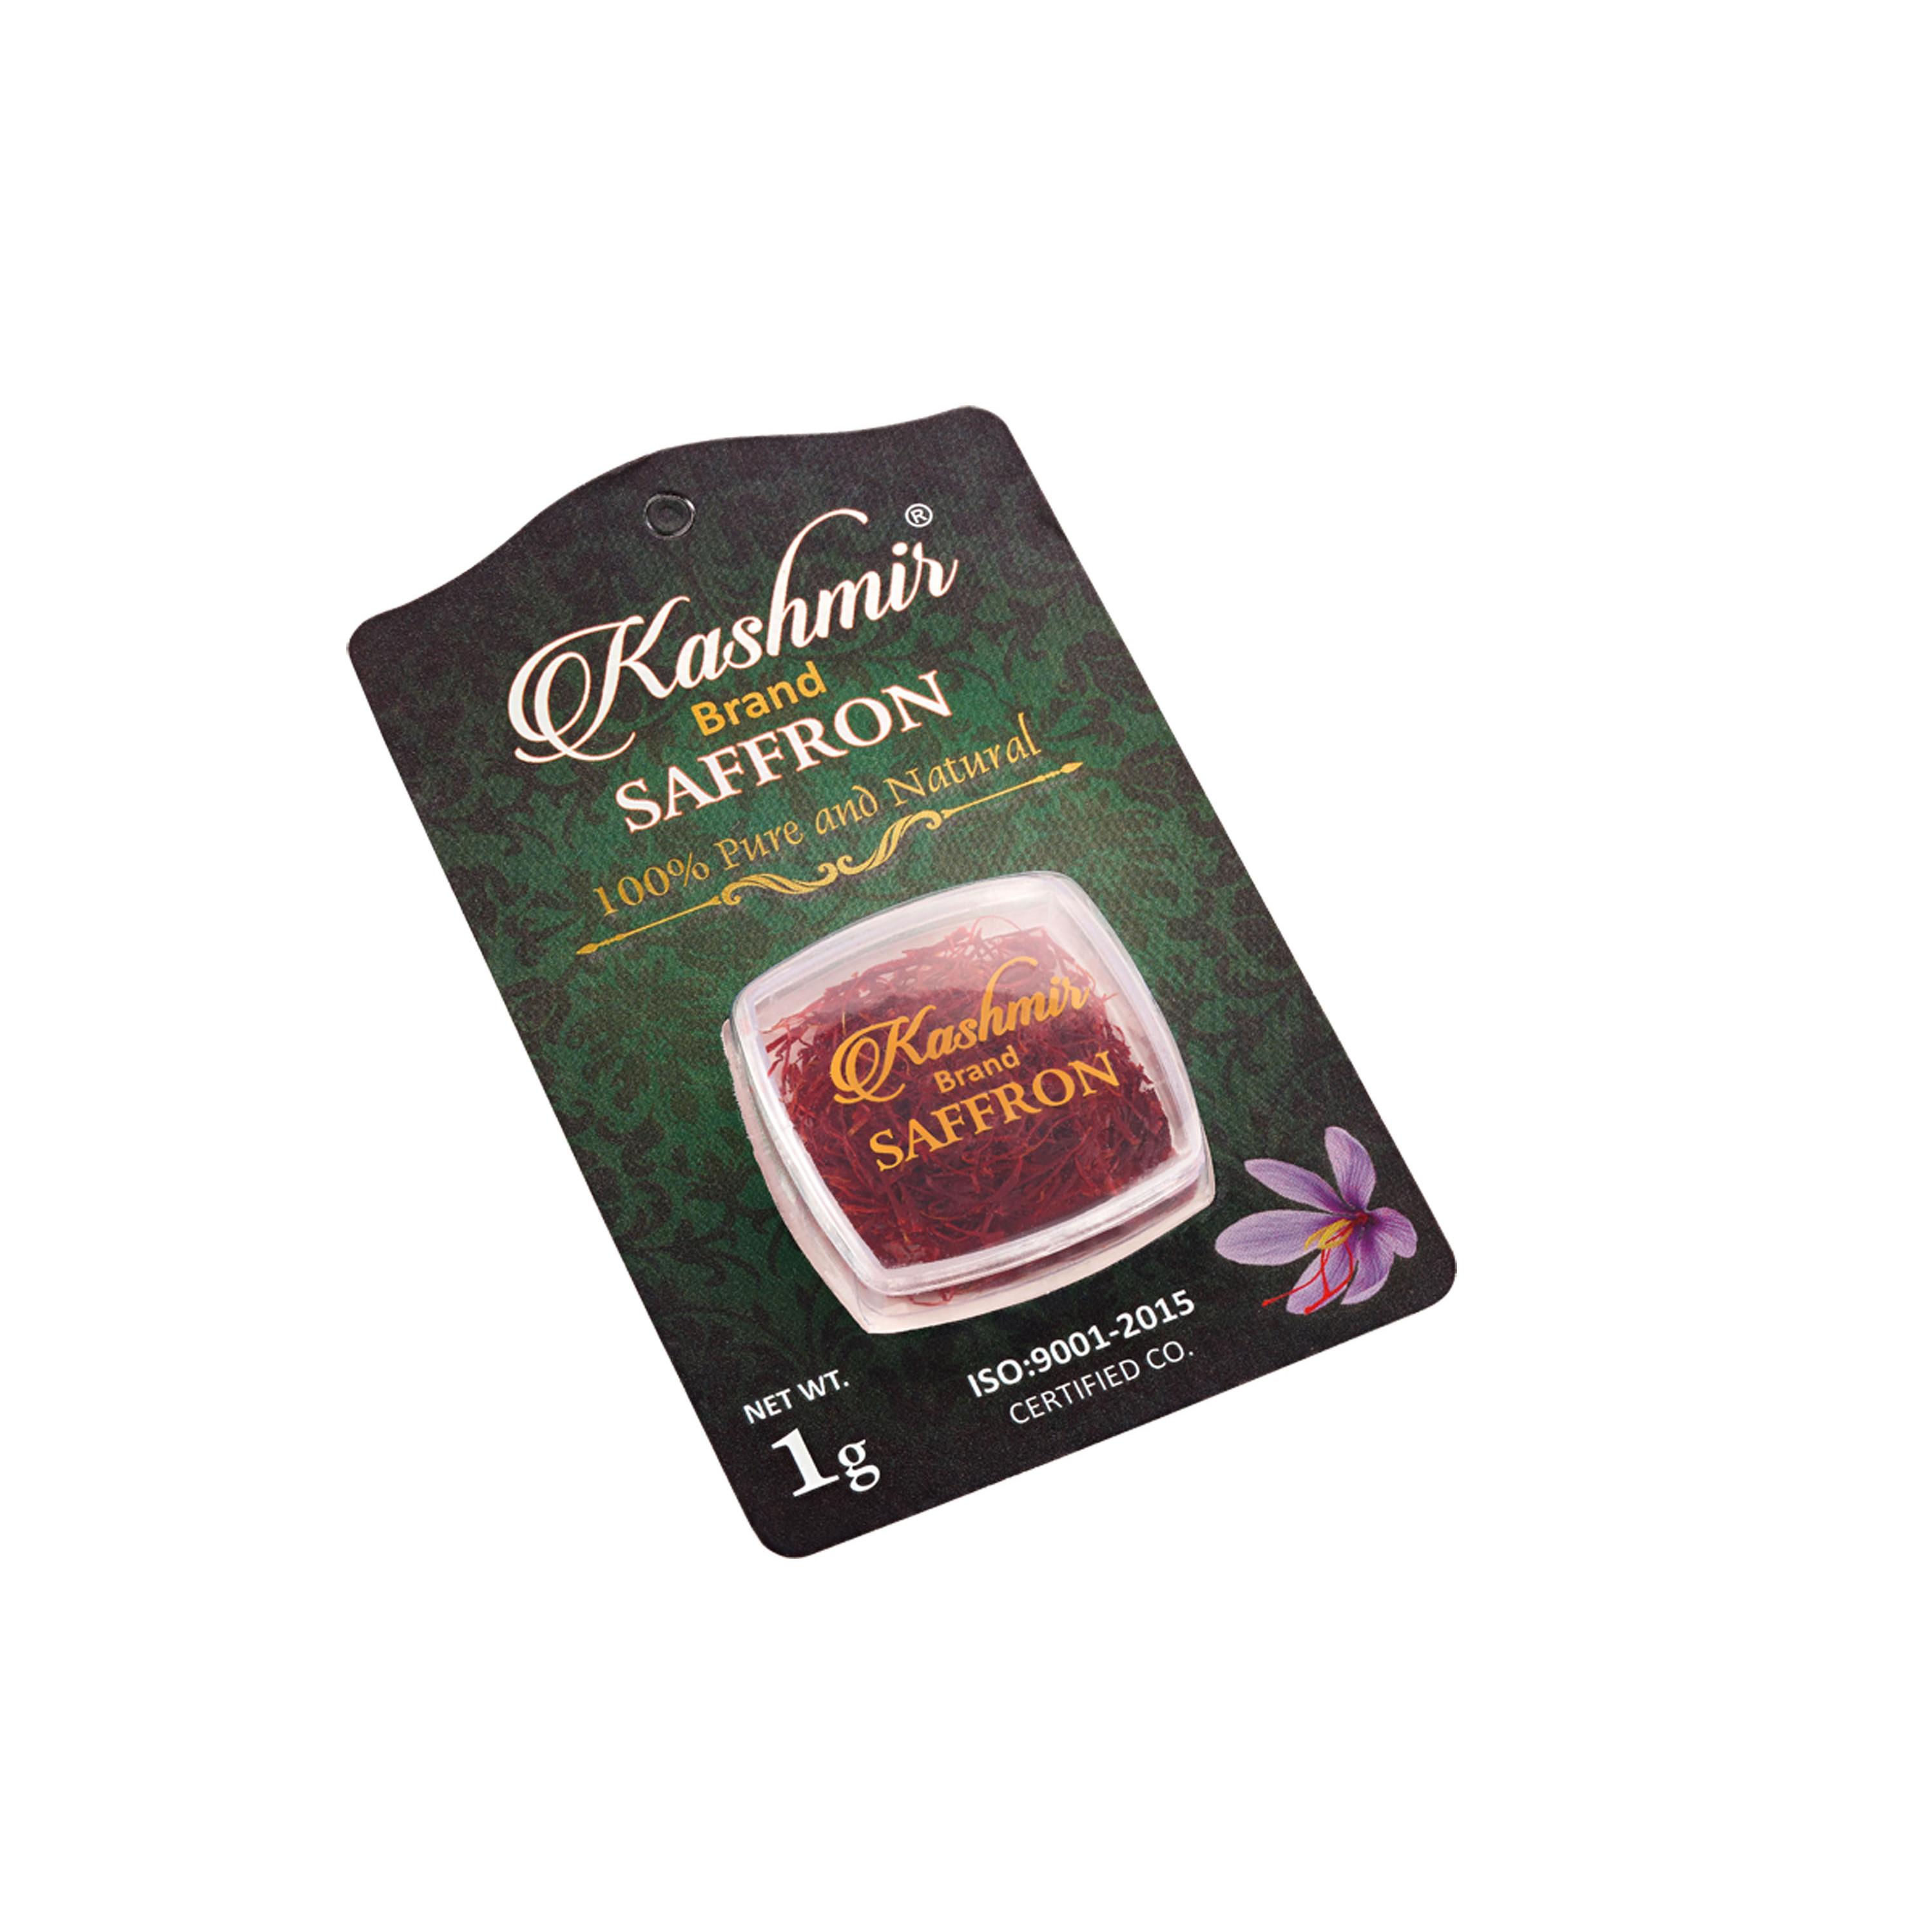 Nhụy hoa nghệ tây Kashmir Brand Saffron 1g